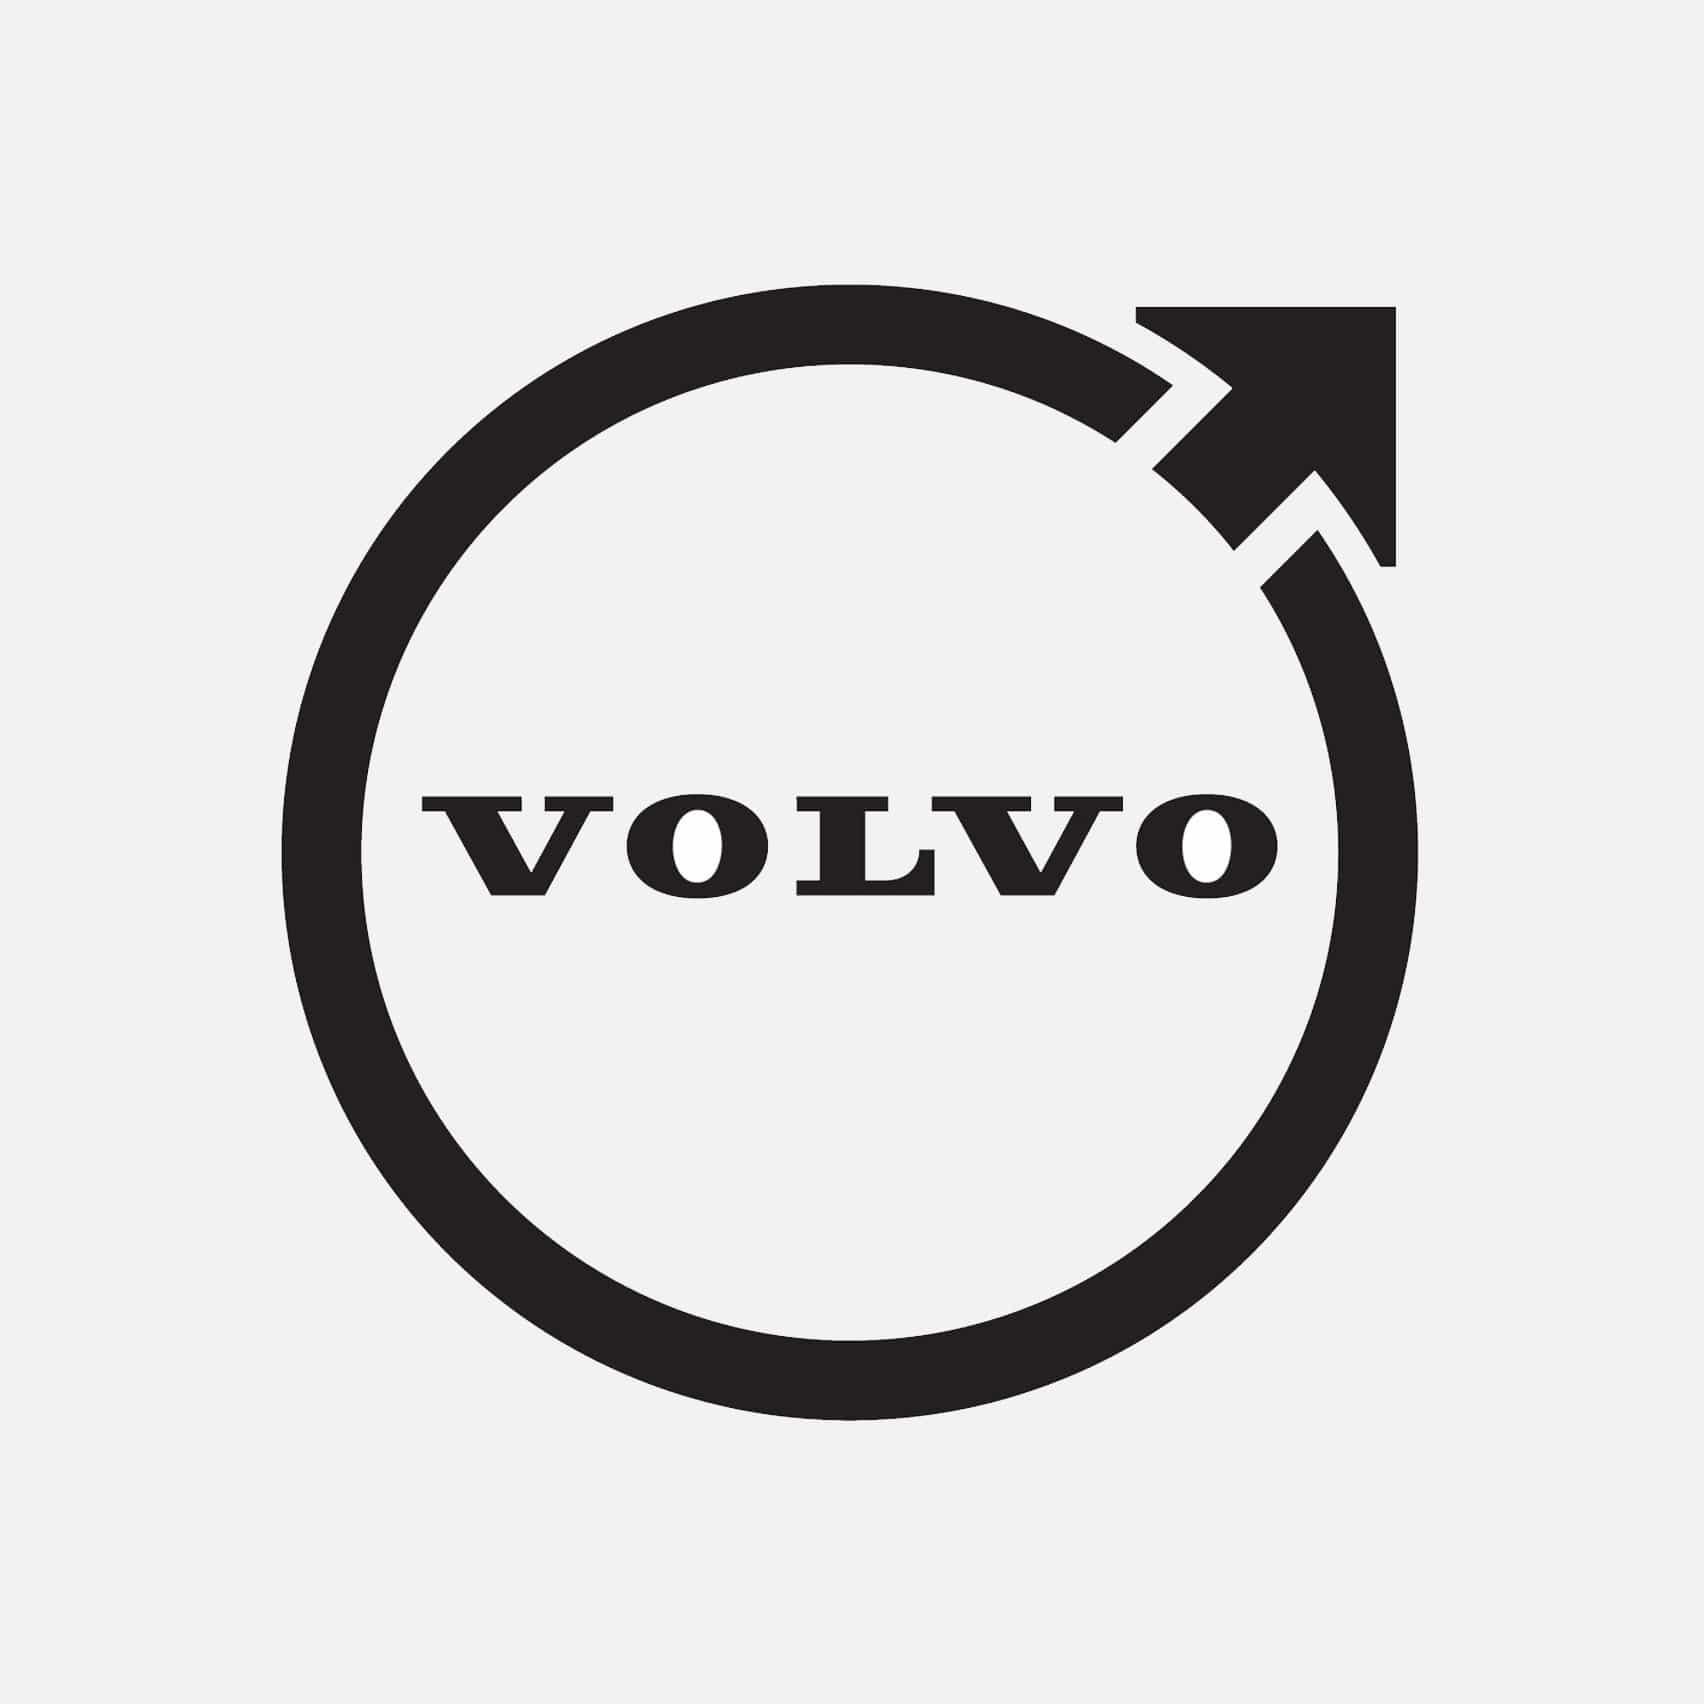 La última marca de automóviles de Volvo en revelar el logotipo plano